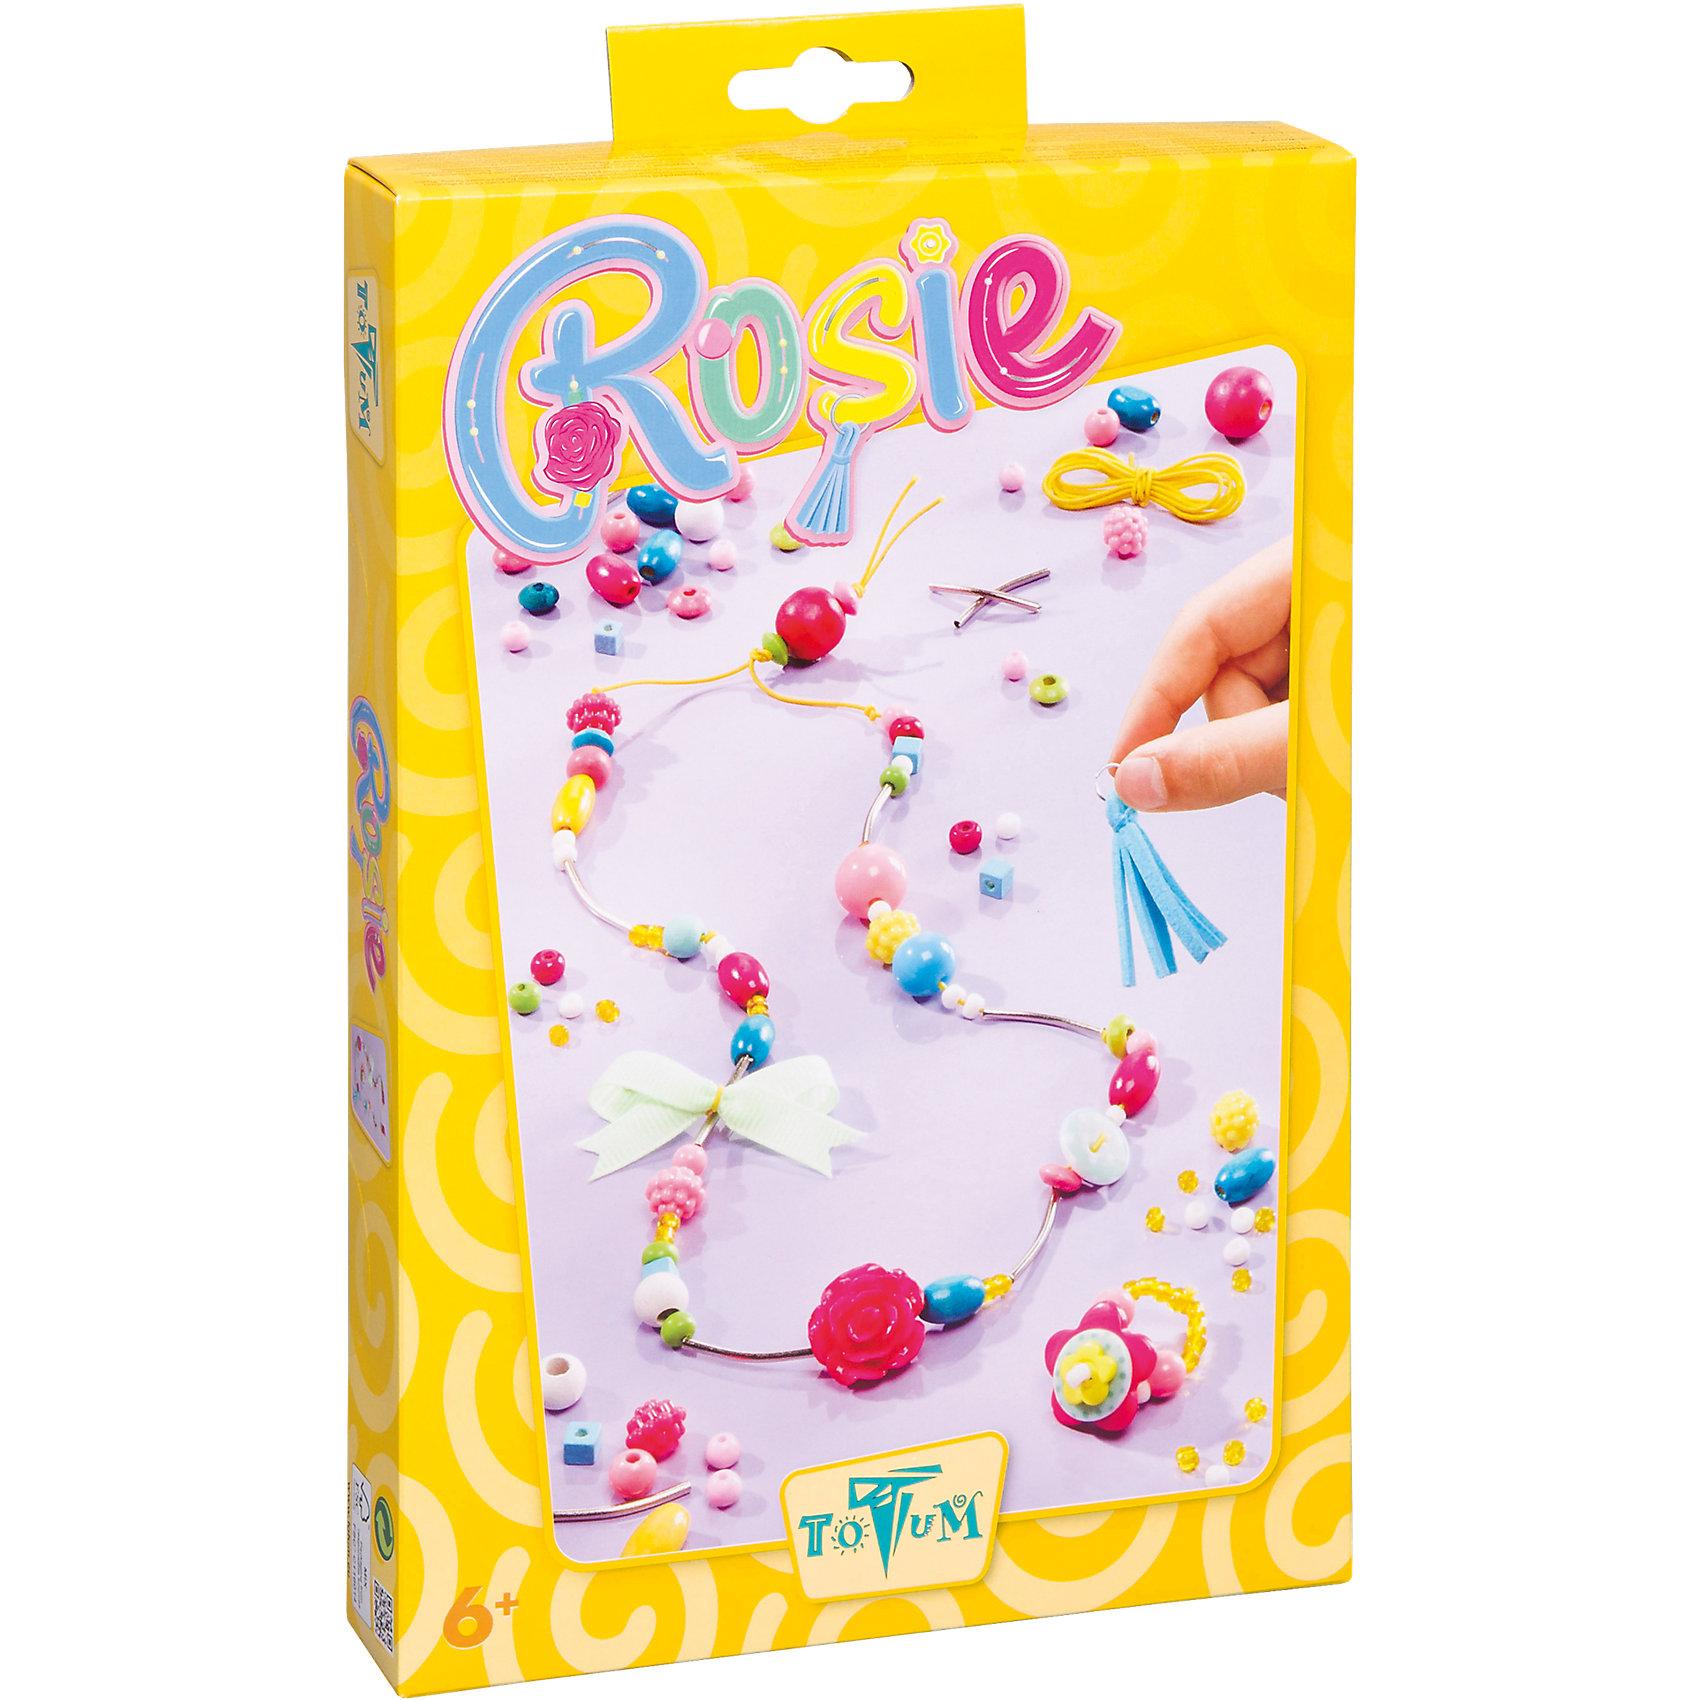 TOTUM Набор для творчества ROSIE набор для детского творчества набор веселая кондитерская 1 кг